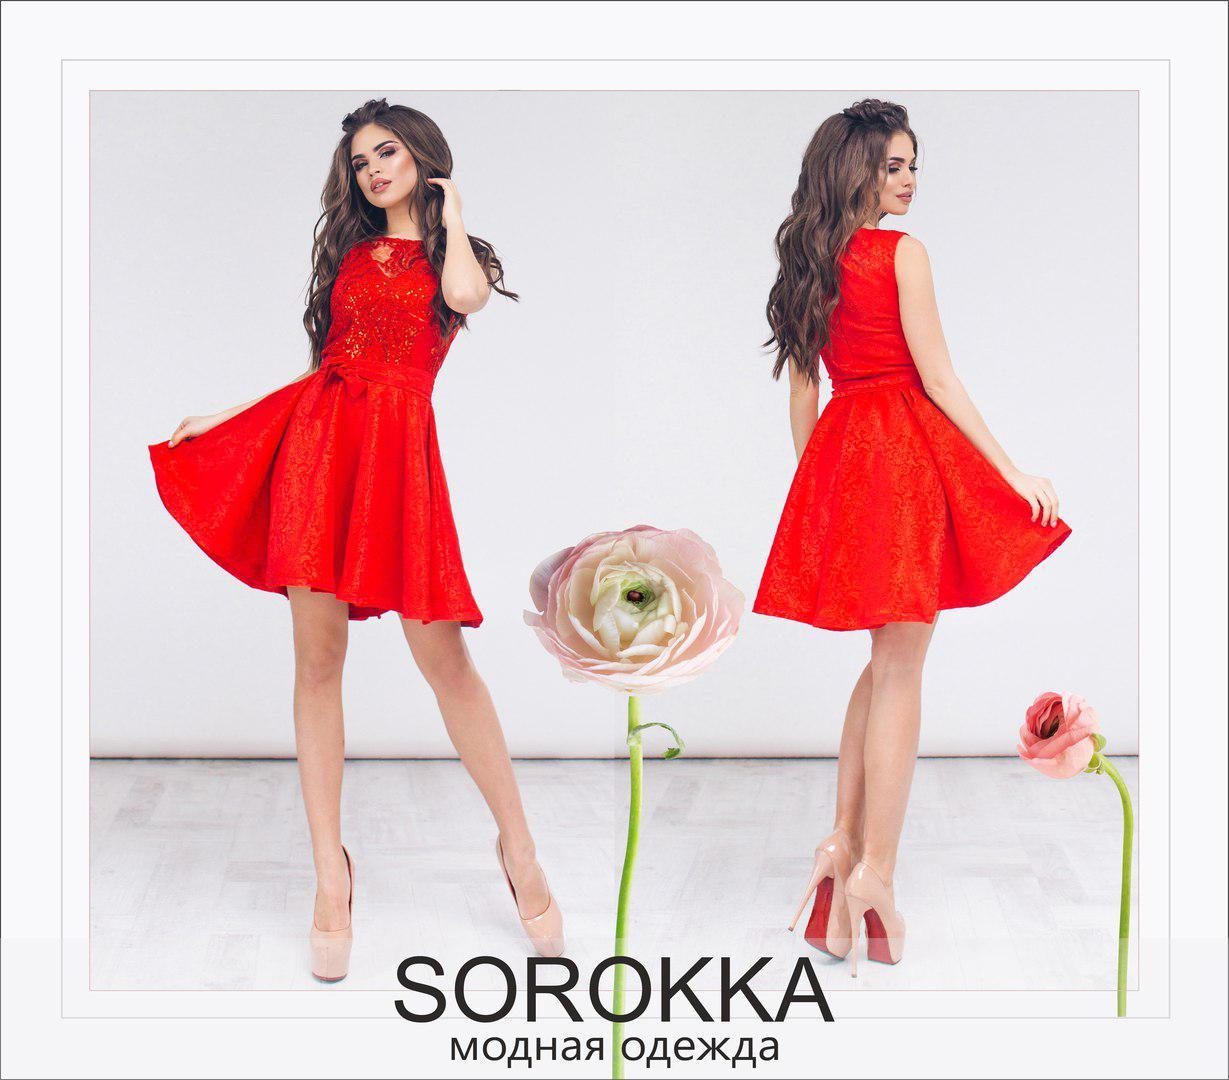 58238d12a64 Нарядное платье с асимметричной юбкой жаккарда+ кружево с паетками Размеры   42-44